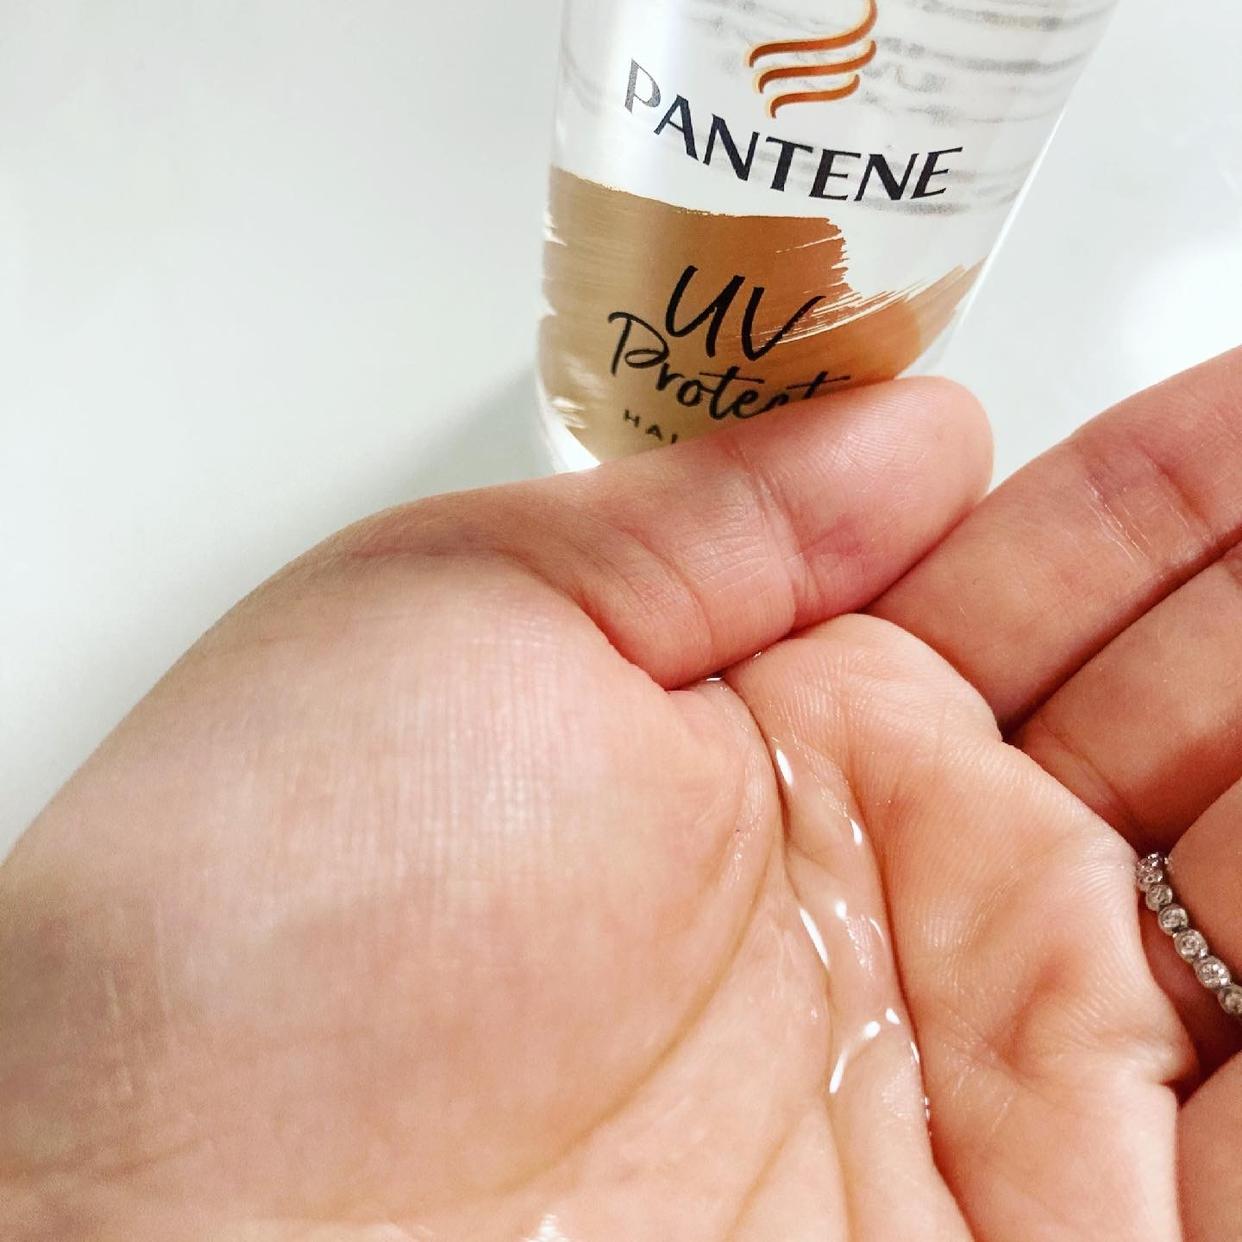 PANTENE(パンテーン) UVカット ヘアオイルを使ったmemiさんのクチコミ画像3